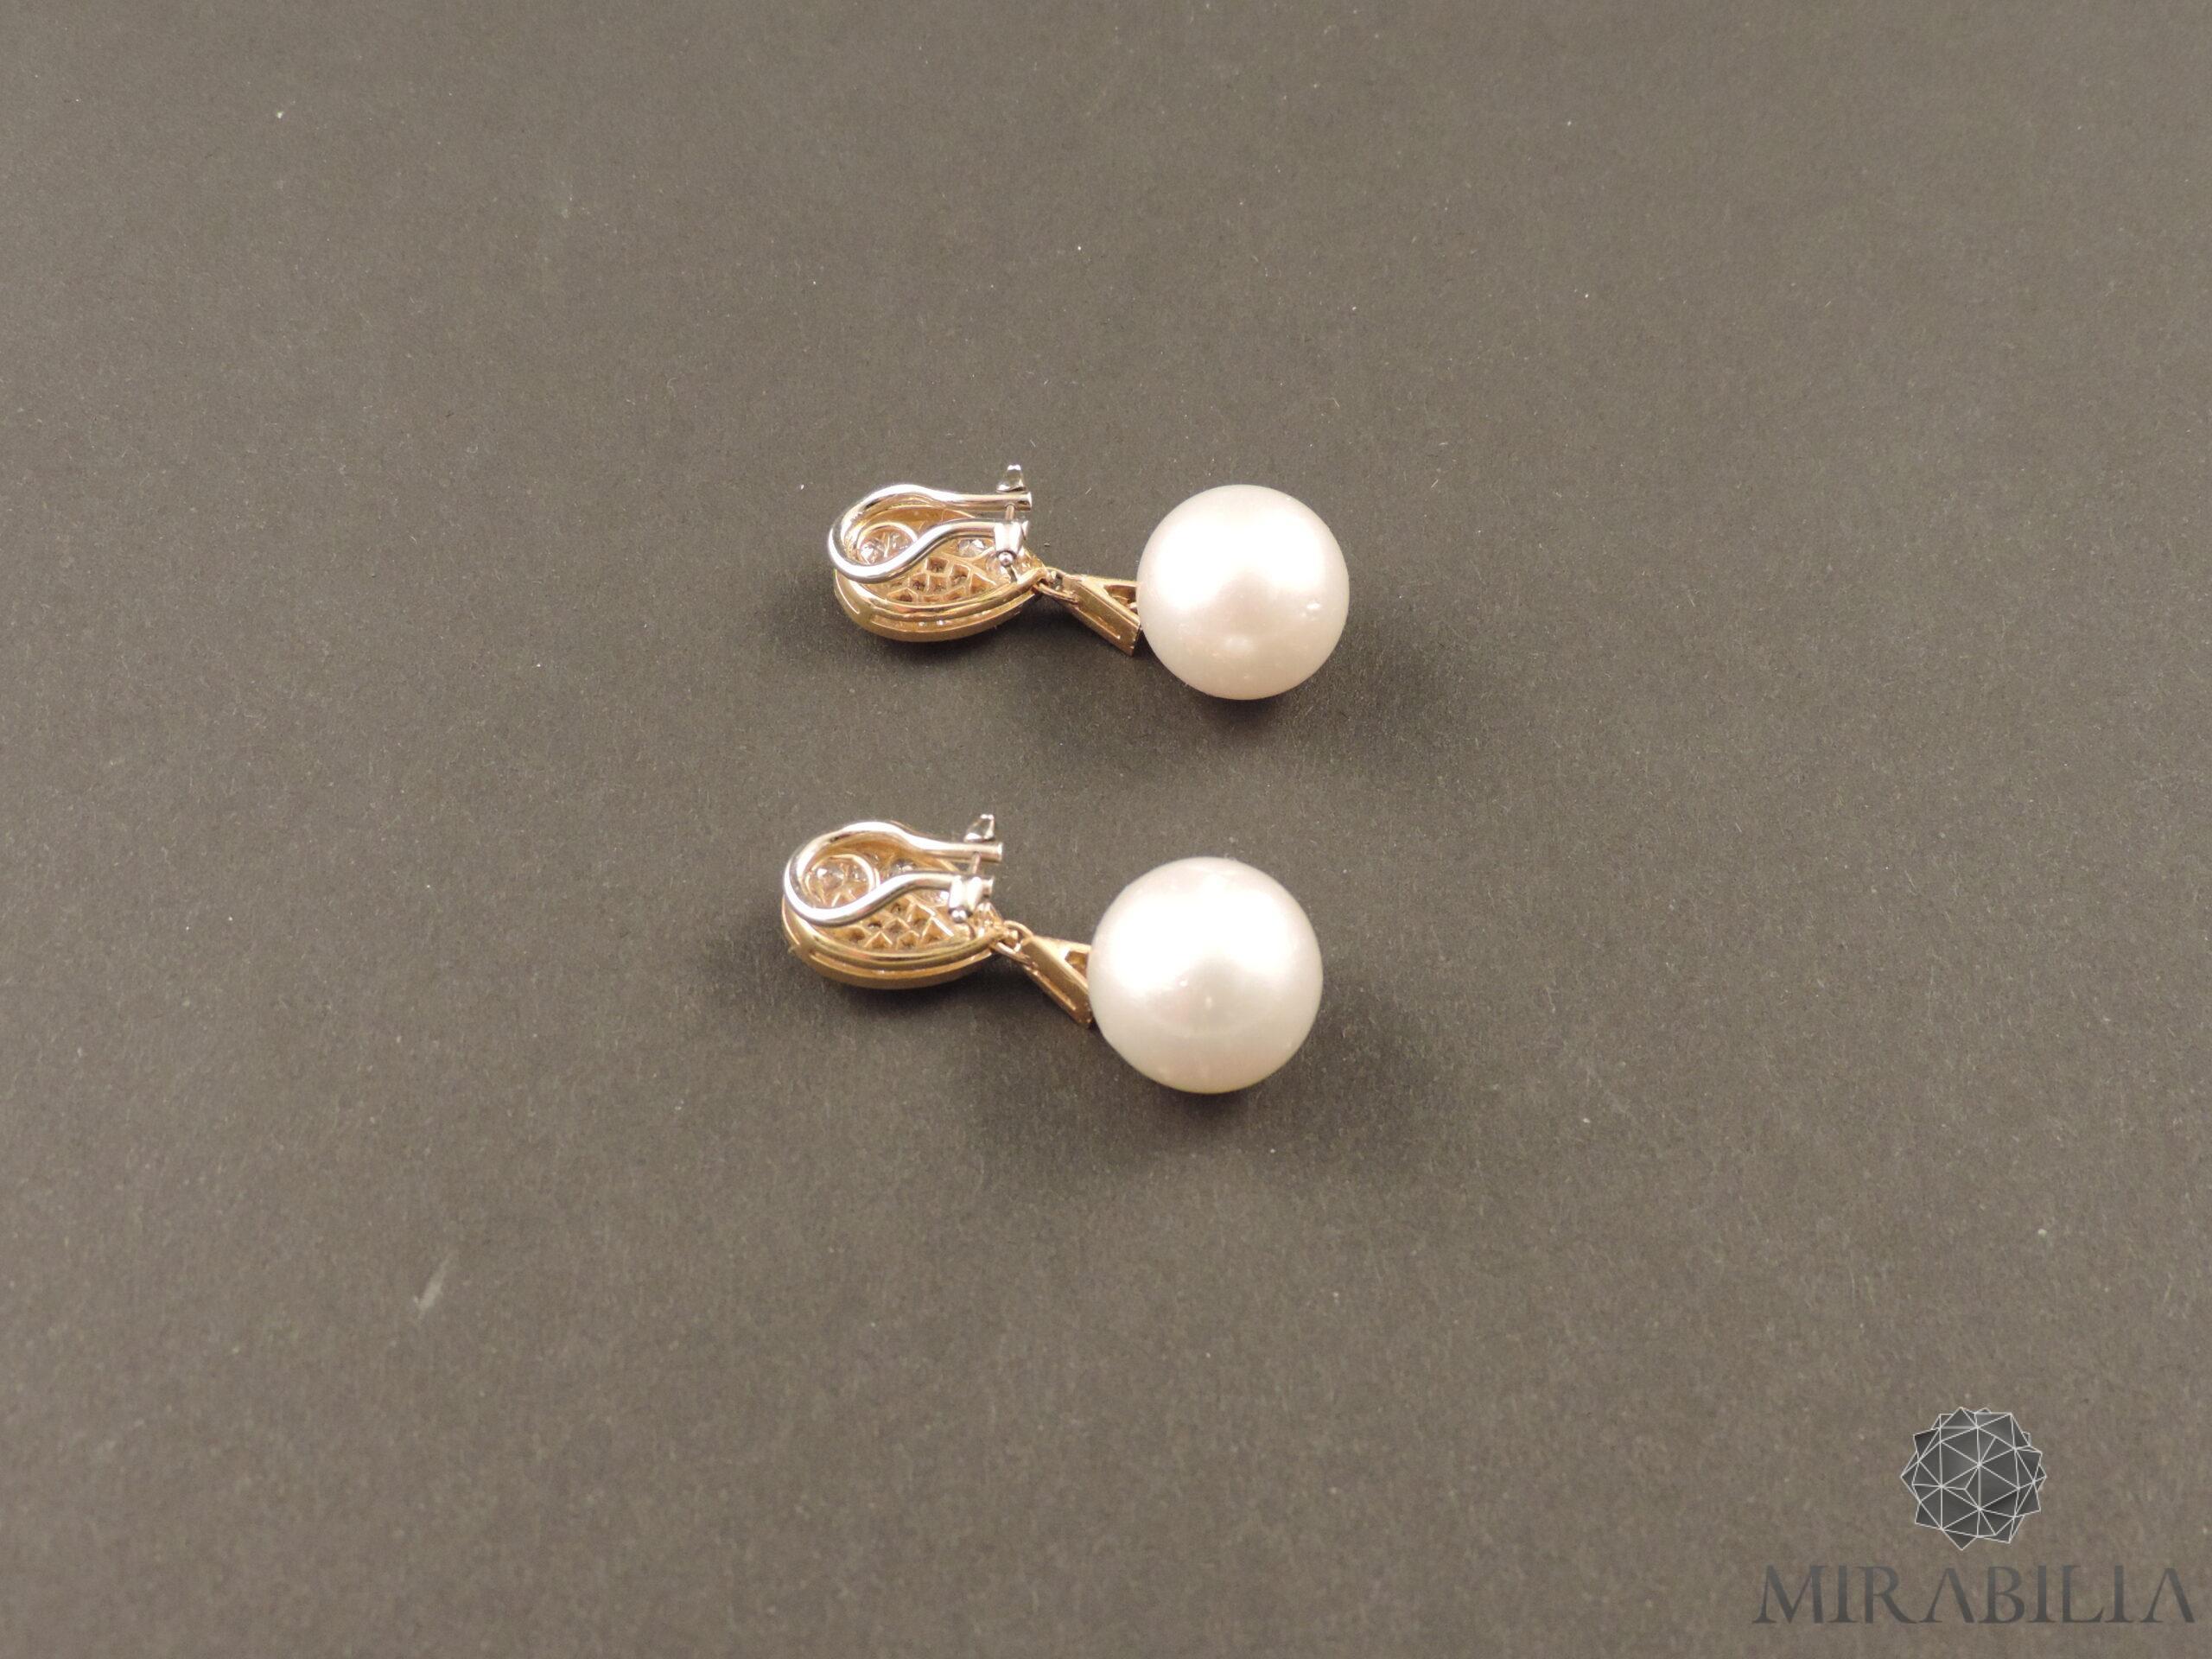 Orecchini a clip con perle coltivate e diamanti, anni '60 (dettaglio retro clip)